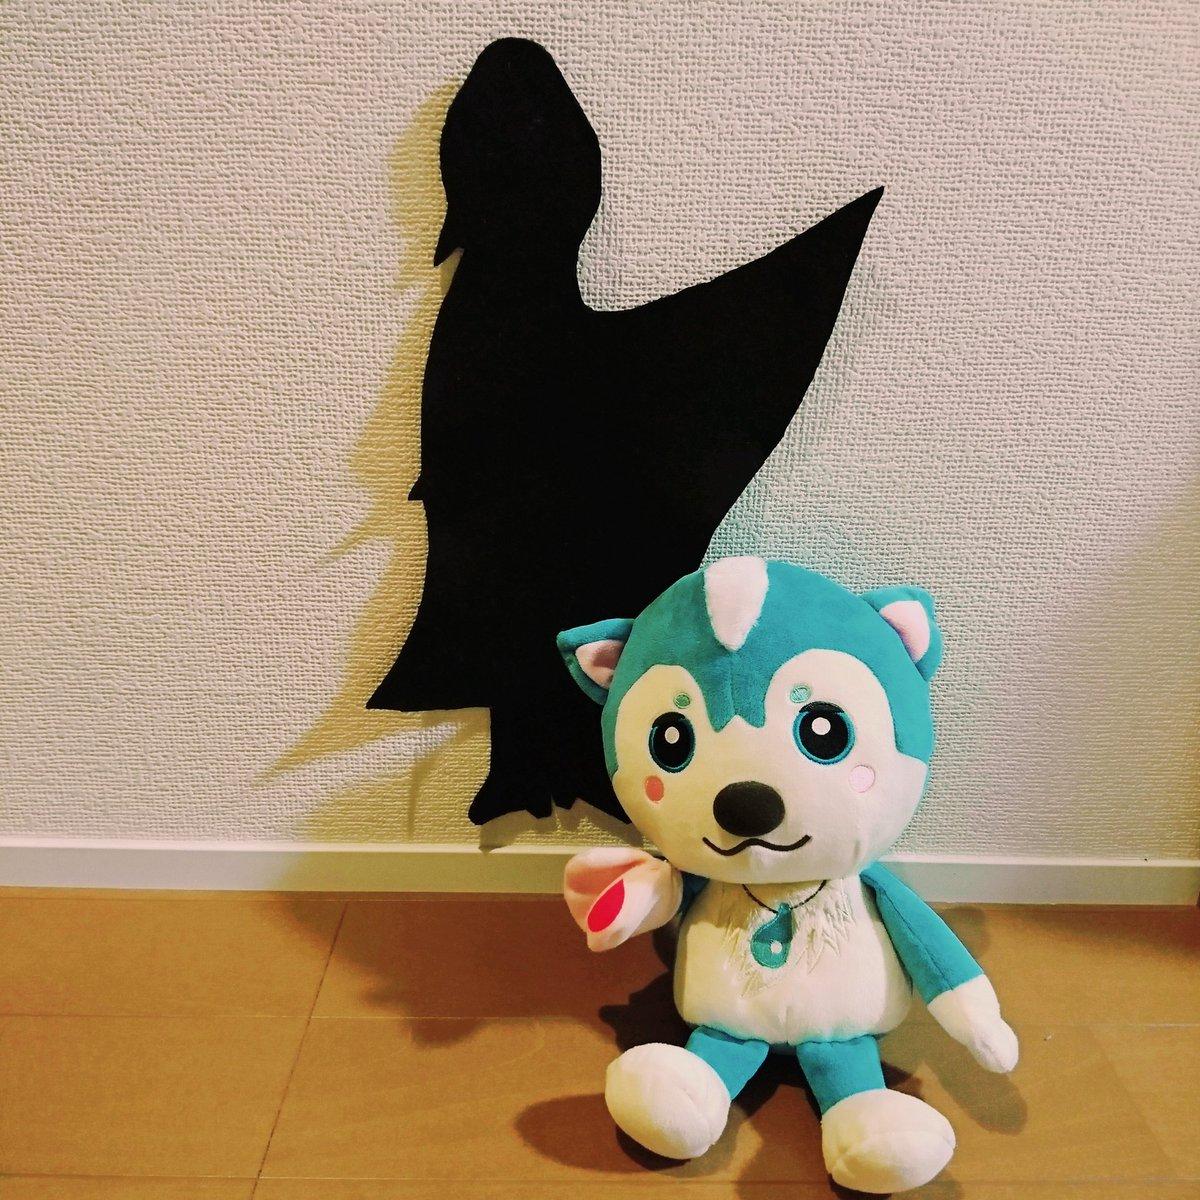 NHK おかあさんといっしょファミリーコンサート シルエットはくぶつかんへようこそ!に関する画像8